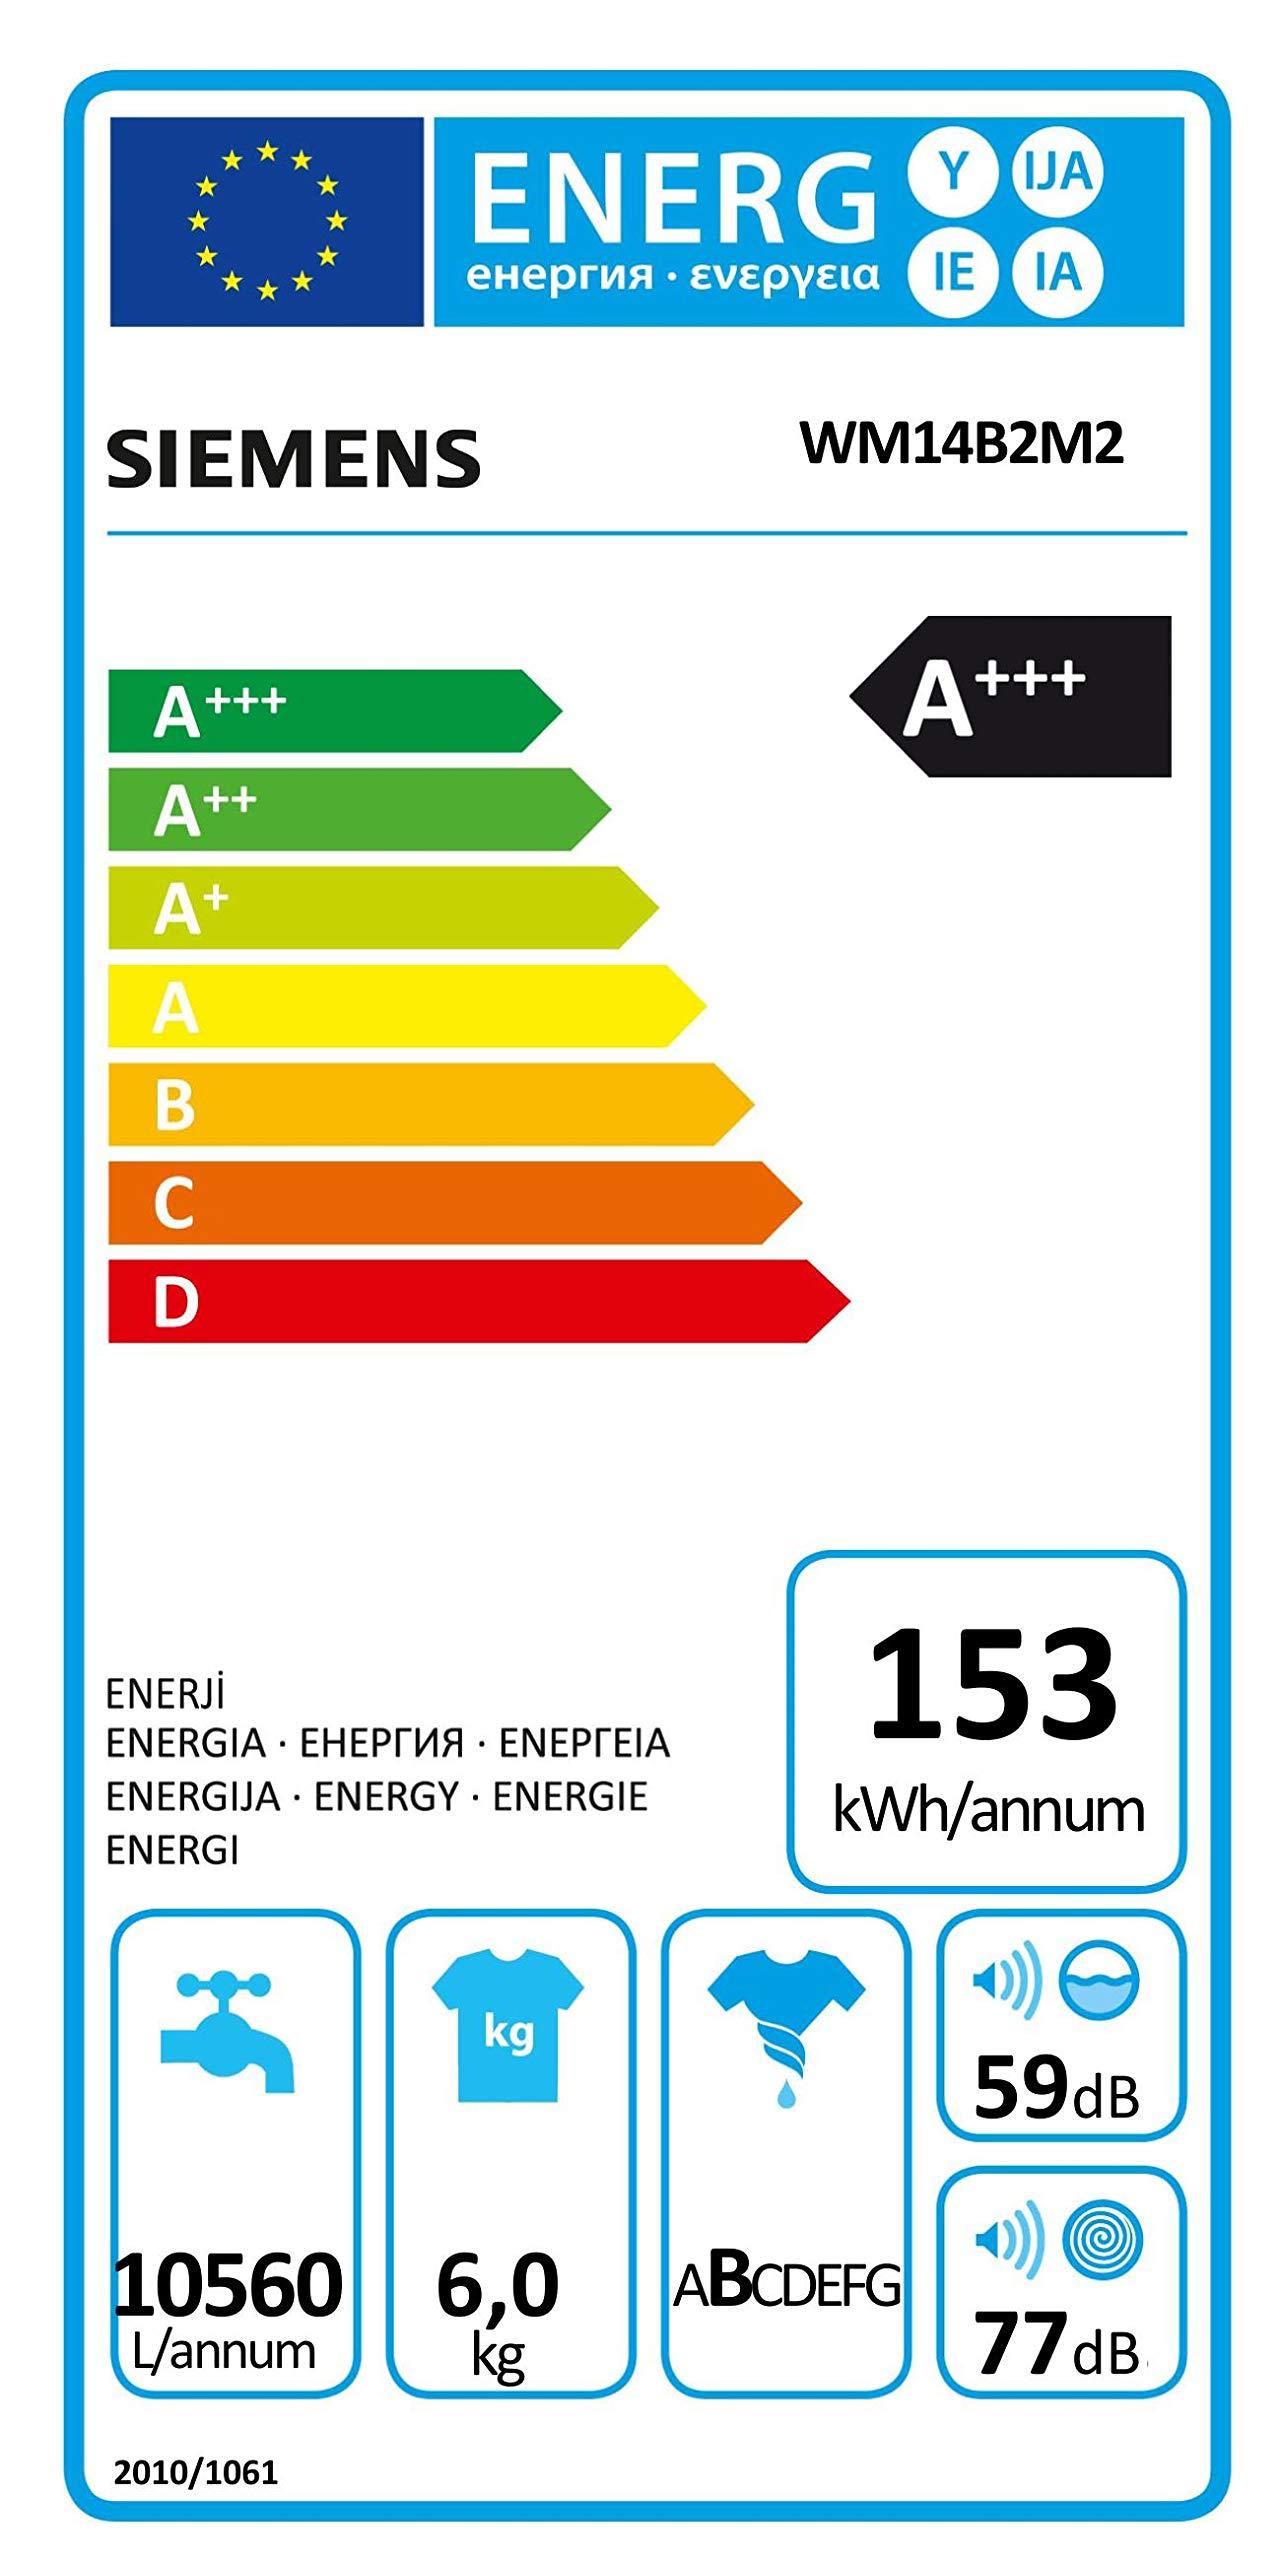 Siemens-iQ100-Waschmaschine-WM14B2M2-600-kg-A-153-kWh-1400-Umin-Schnellwaschprogramm-Nachlegefunktion-15-Minuten-Waschprogramm